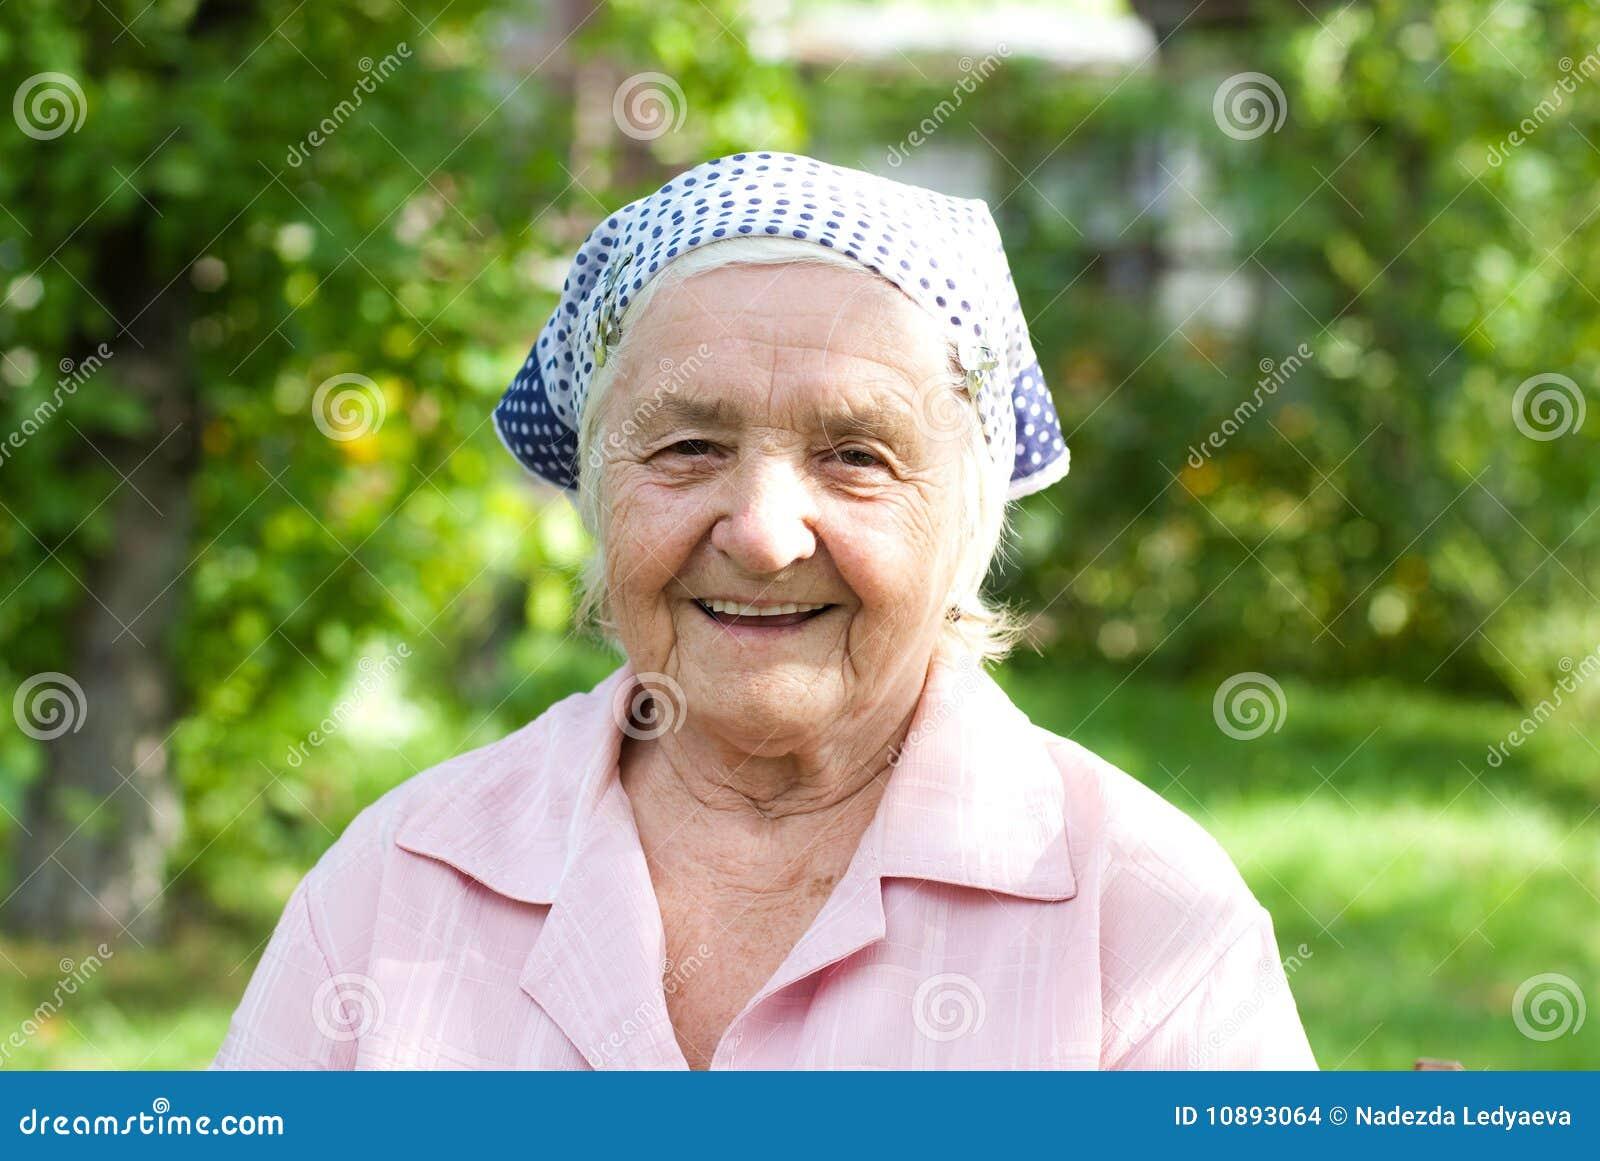 Хочу любить старушек 22 фотография